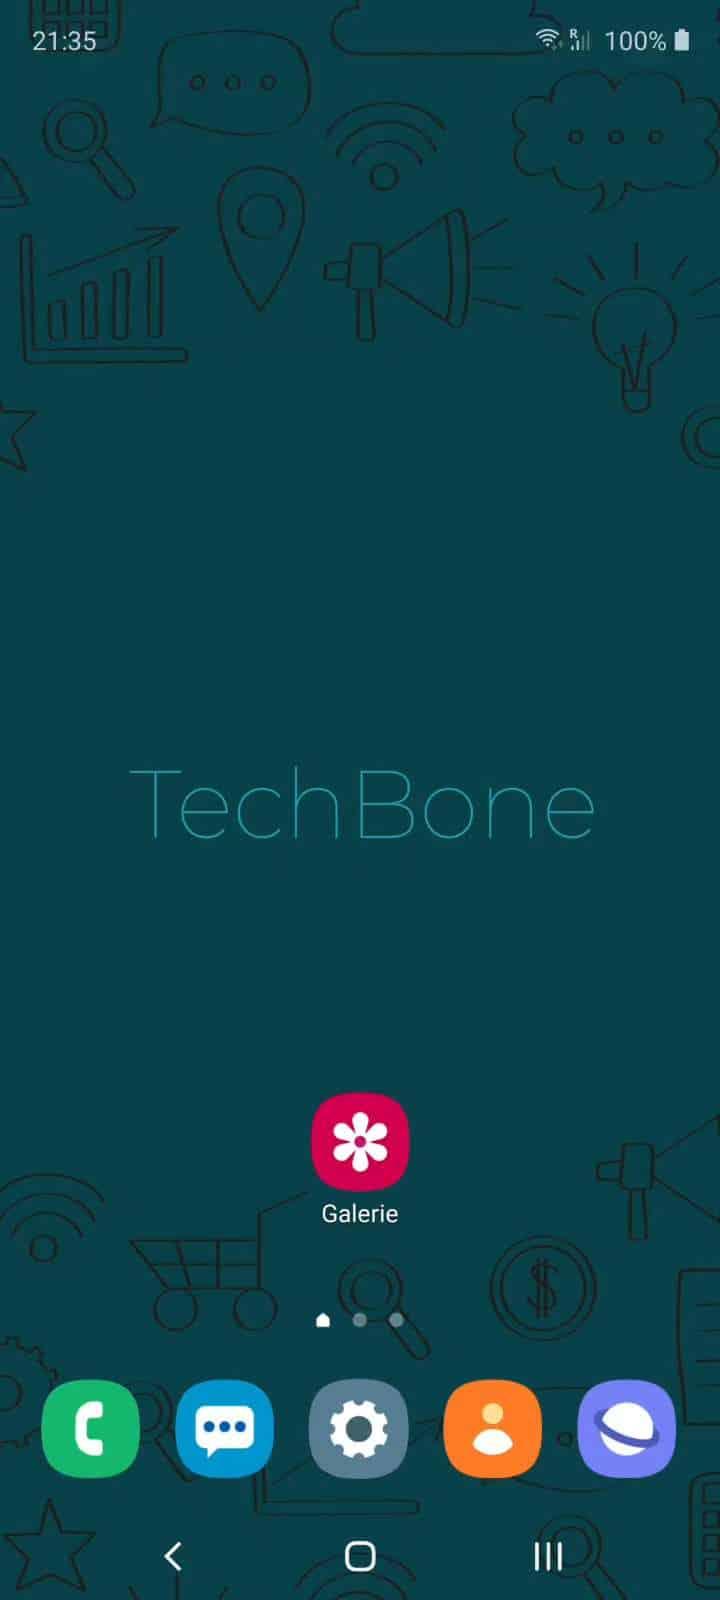 Alben In Ordner Gruppieren Samsung Handbuch Techbone